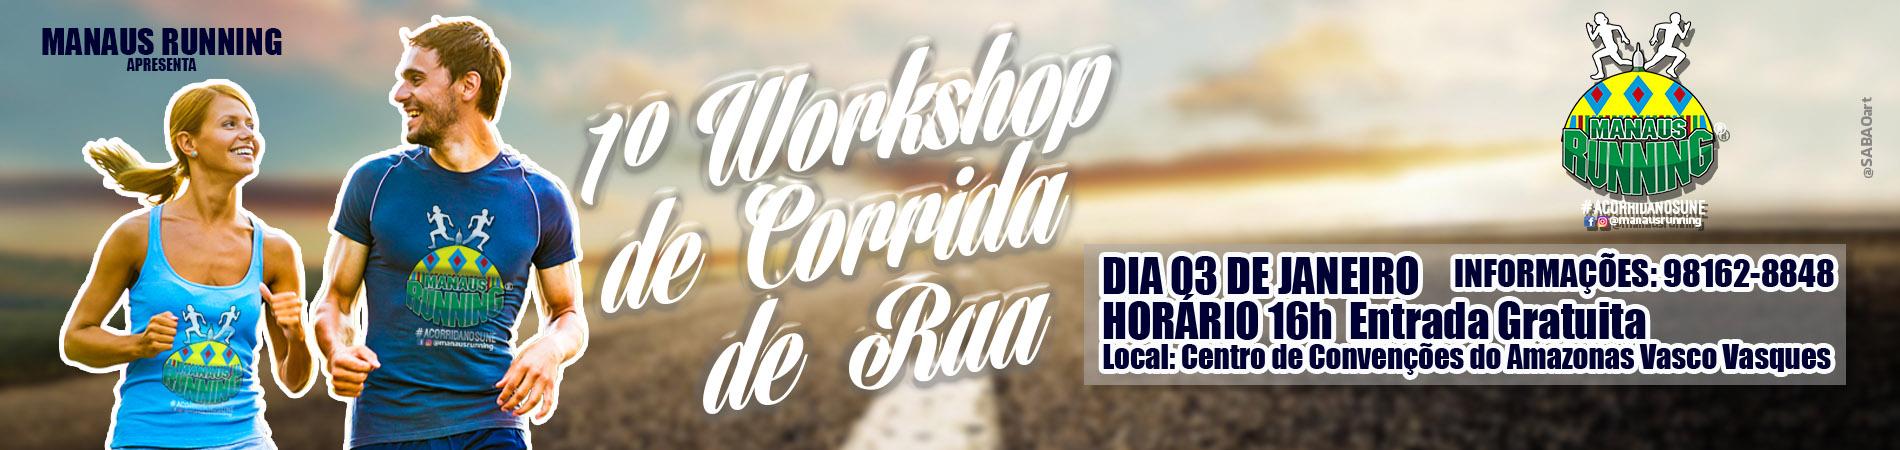 1° WORKSHOP DE CORRIDA DE RUA - MANAUS/AM - Imagem de topo